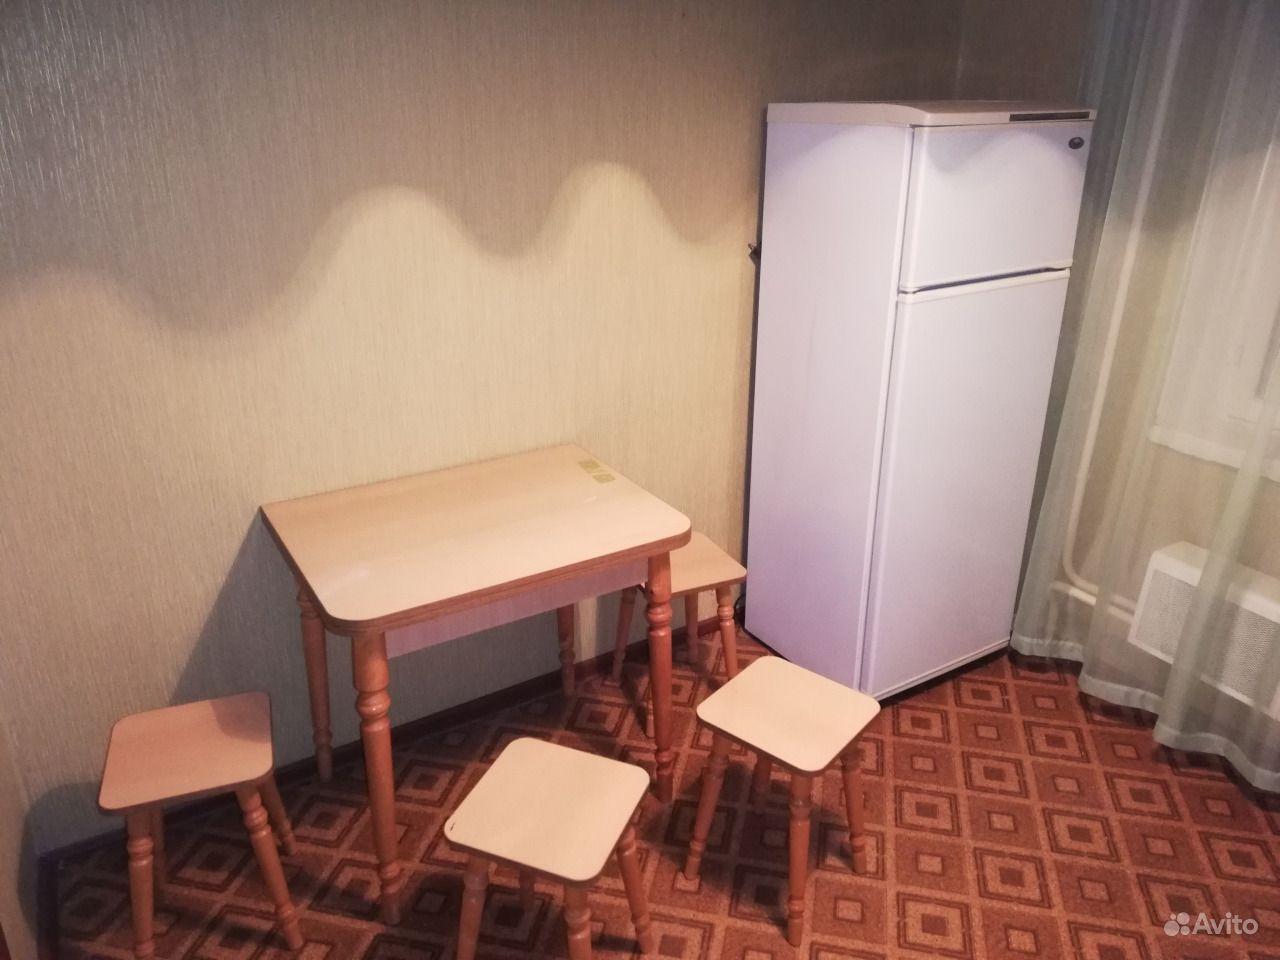 Аренда 1-комнатной квартиры, г. Тольятти, Коммунистическая улица  дом 45